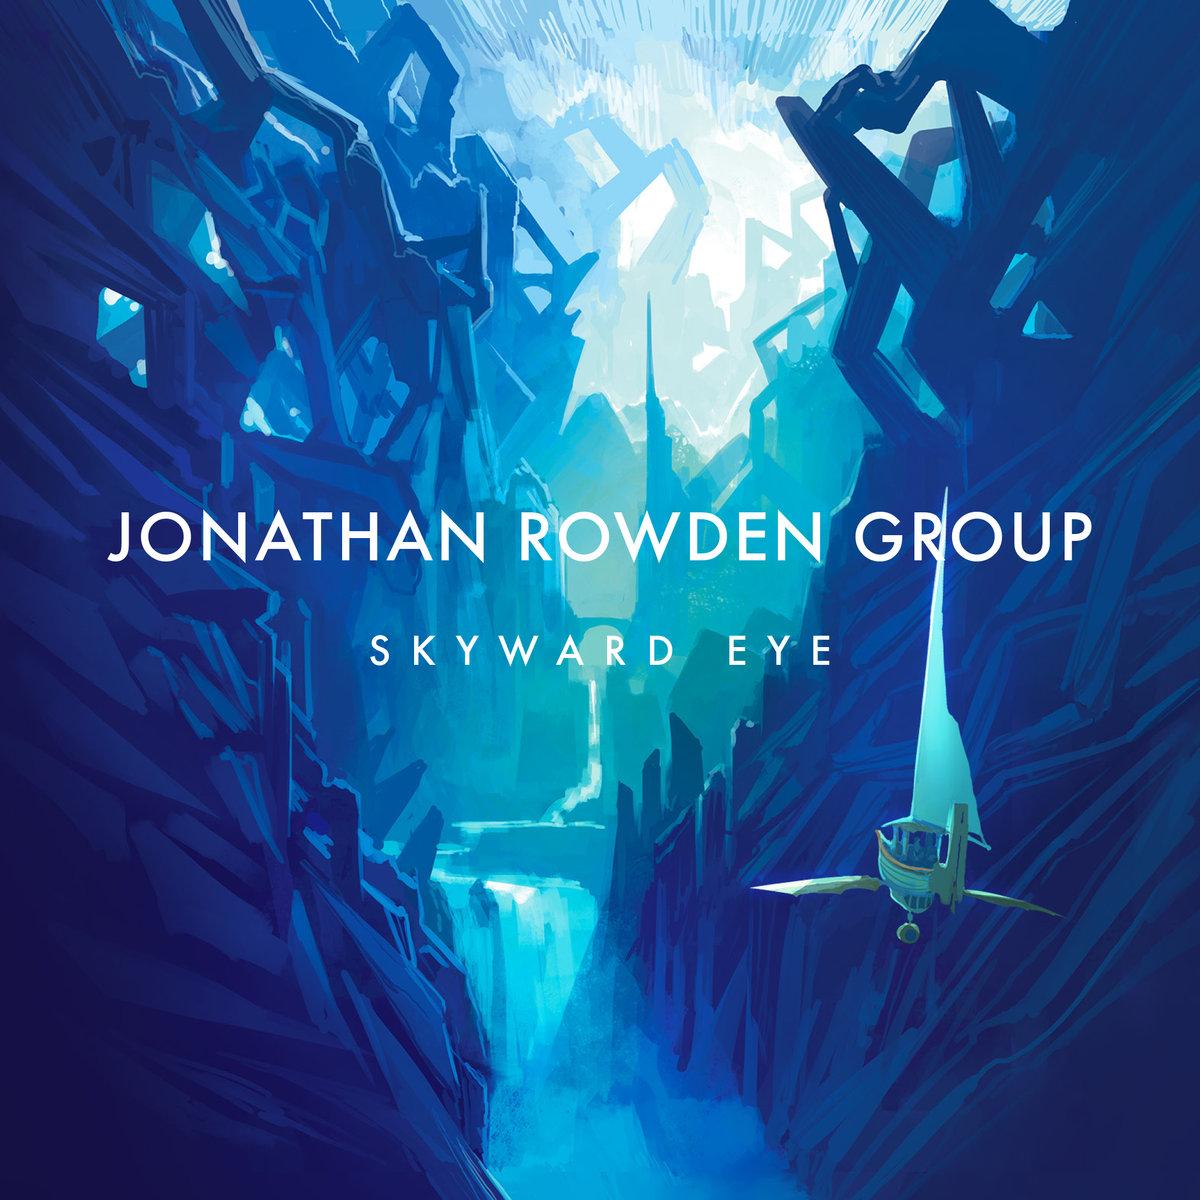 Jonathan Rowden Group | Skyward Eye